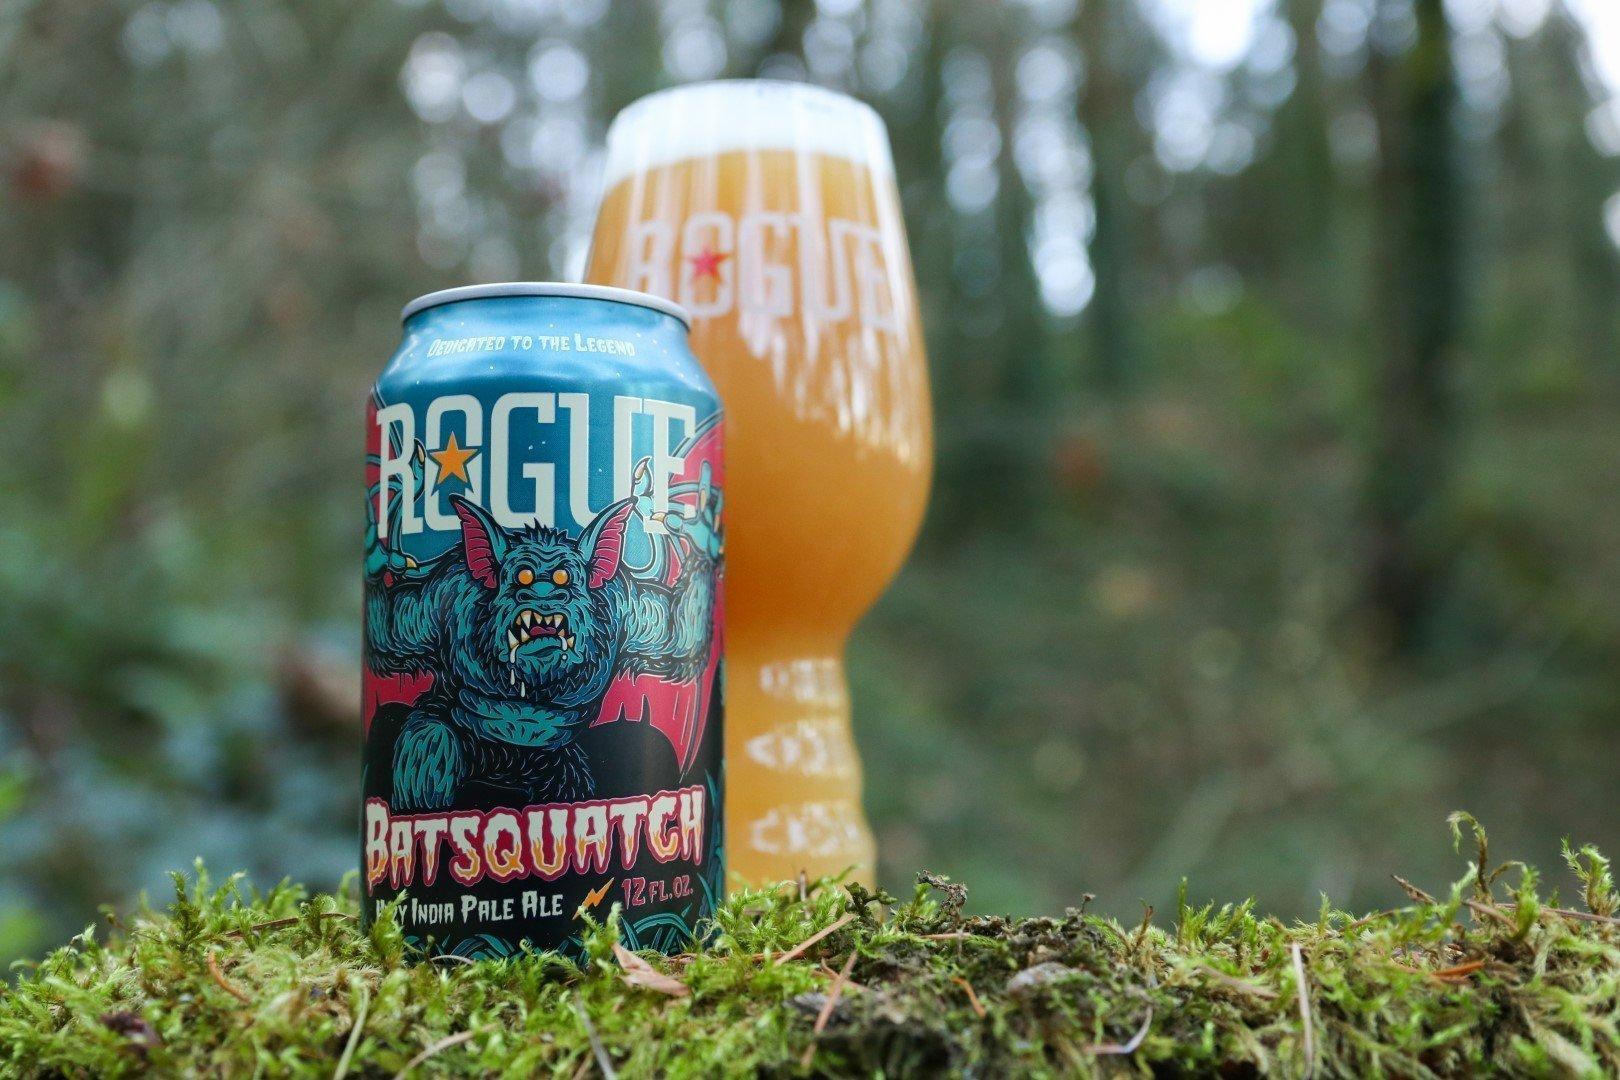 Rogue Batsquatch Hazy India Pale Ale